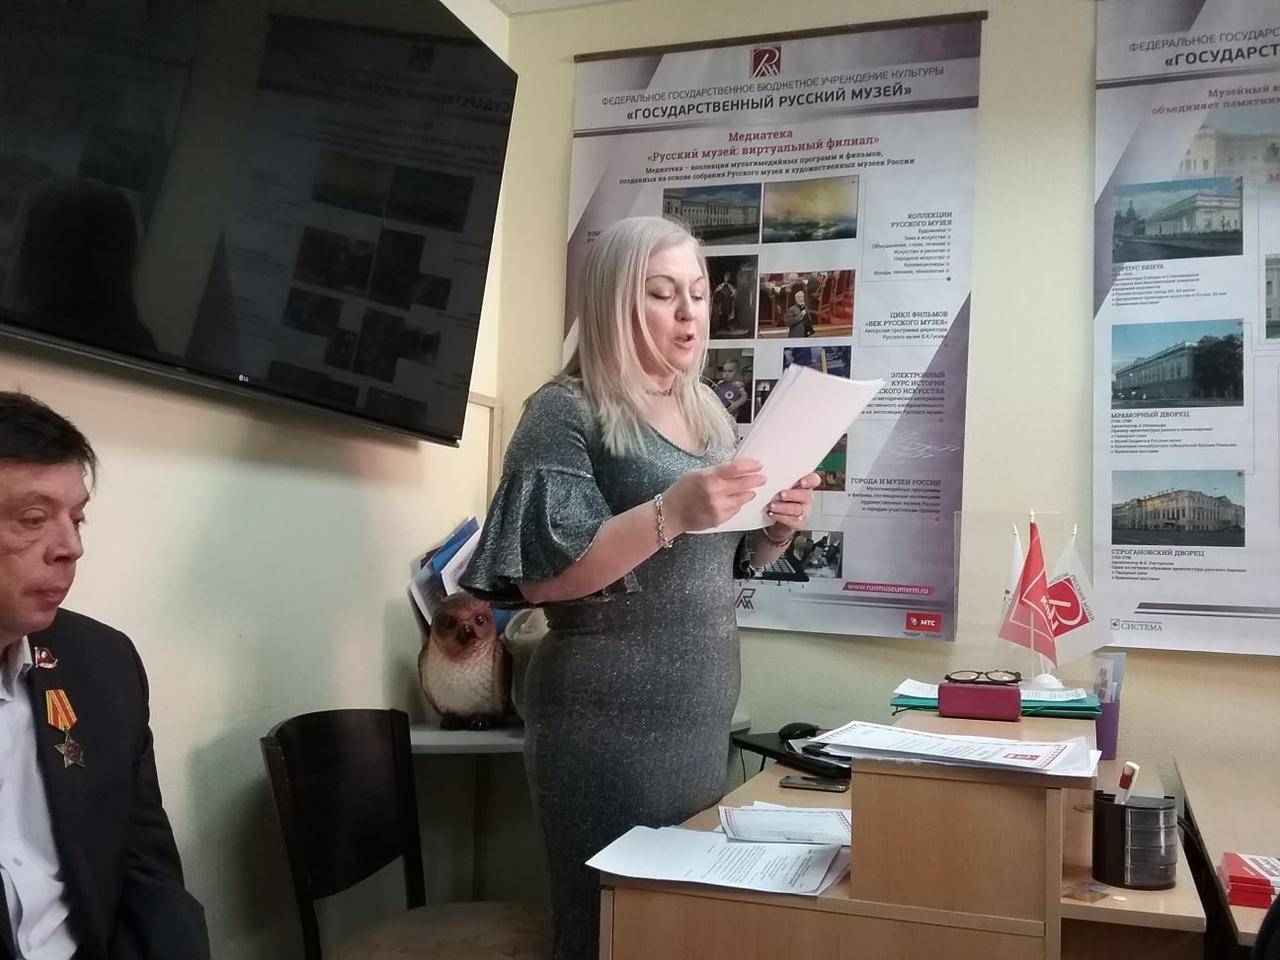 Состоялся совместный Пленум Комитета и КРК Ямало-Ненецкого окружного отделения КПРФ